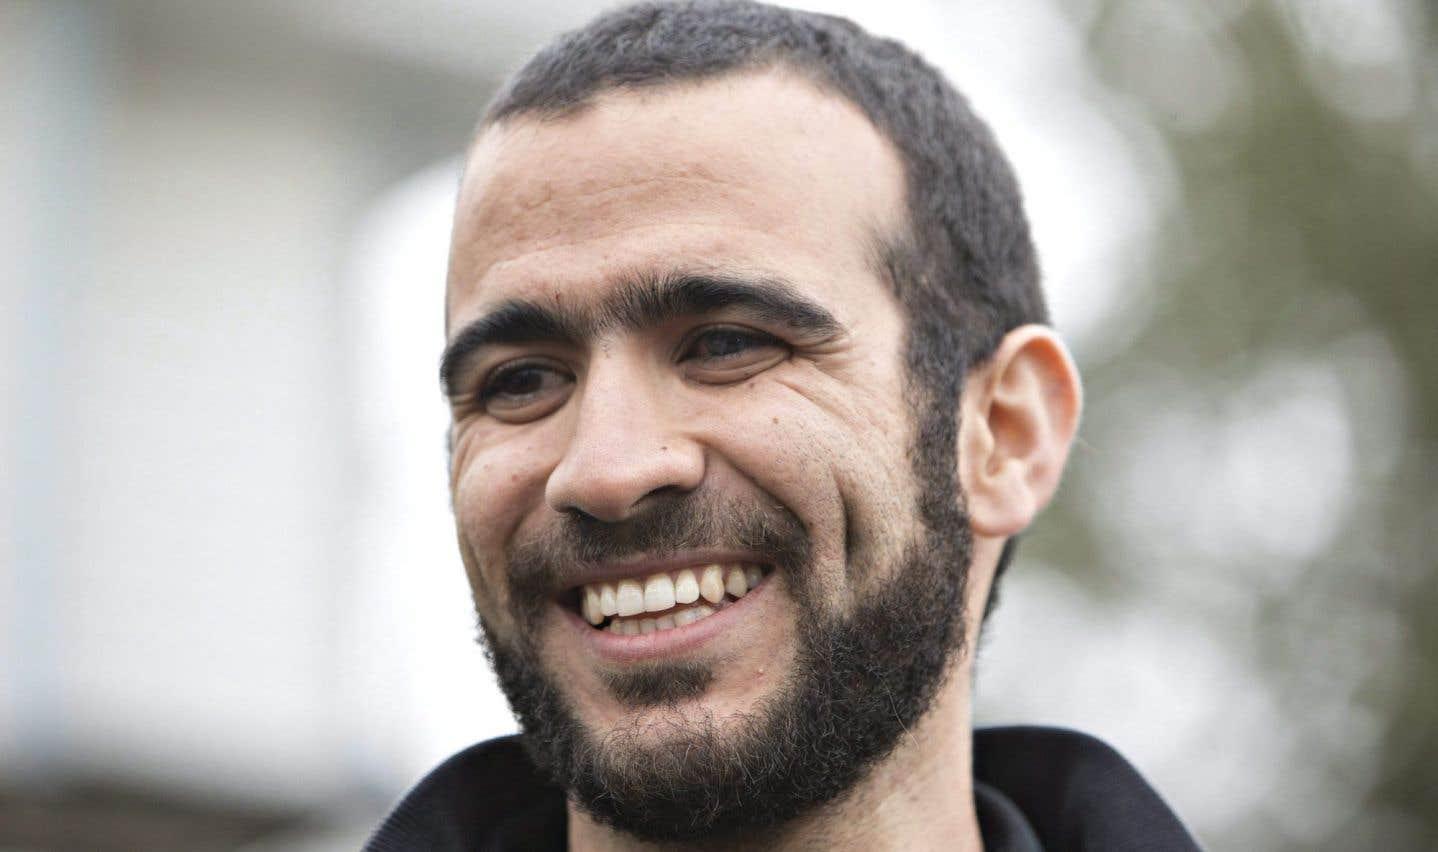 Des erreurs de faits dans le casier judiciaire d'Omar Khadr